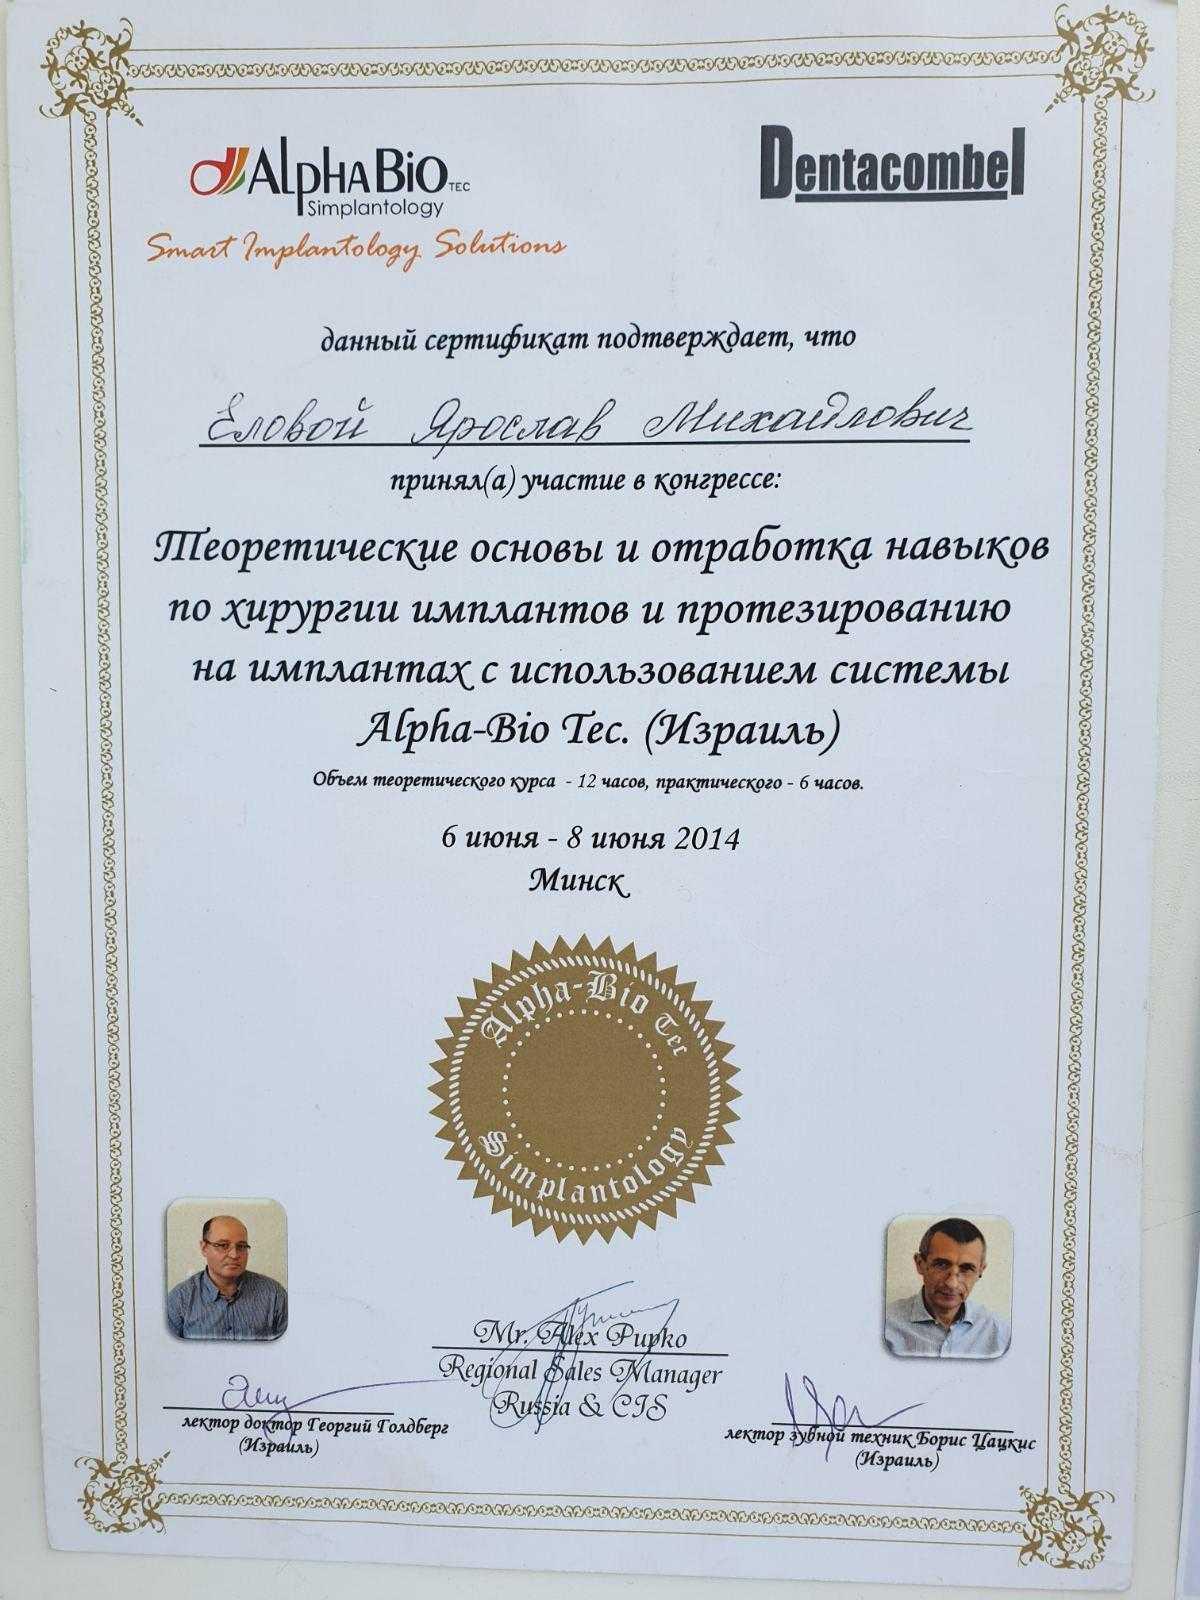 Сертификат выдан Еловому Ярославу Михайловичу о получении теоретических и практических навыков имплантации и протезирования с использованием систем AlphaBIO (Израиль)